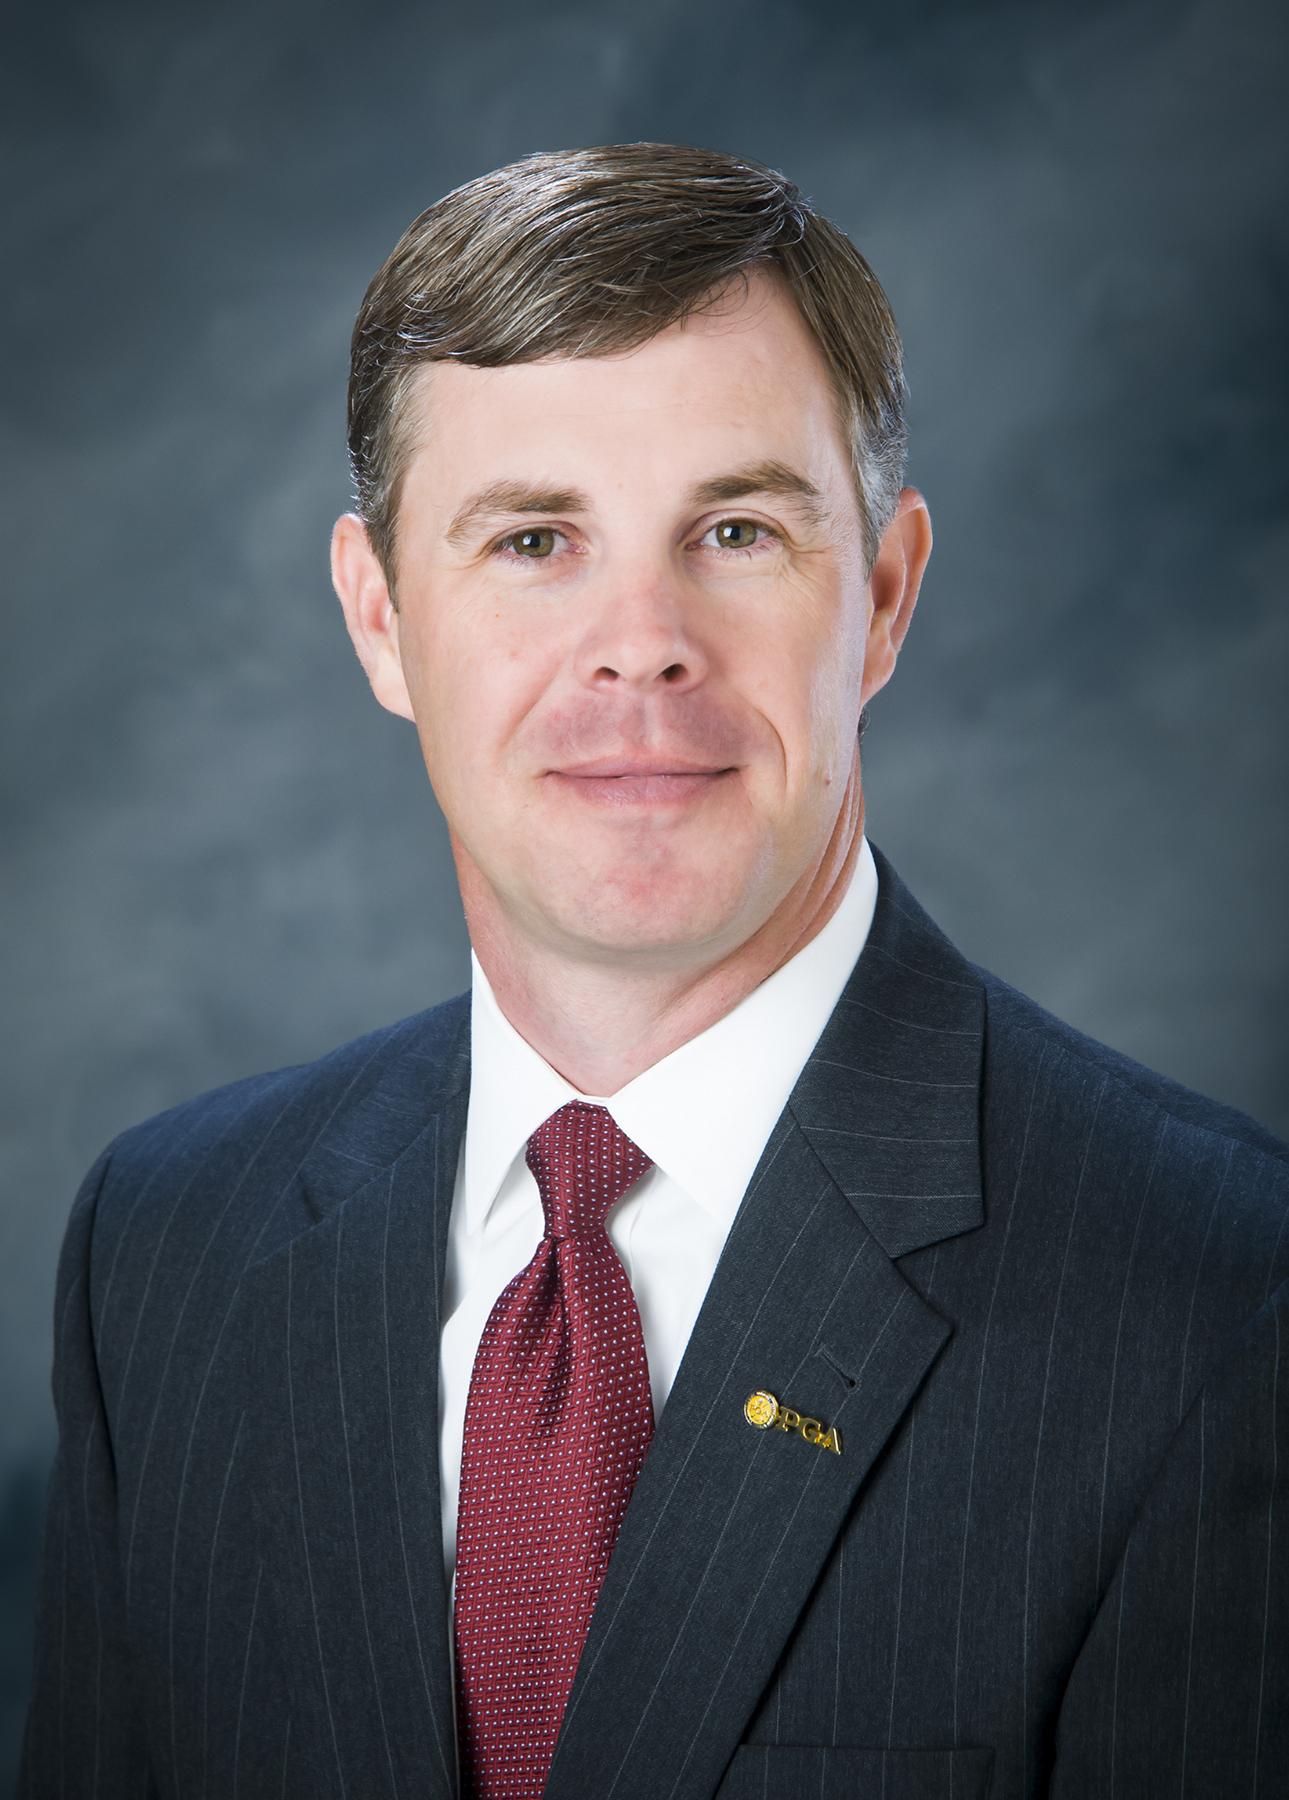 Jeffrey W. Adkerson, PGA